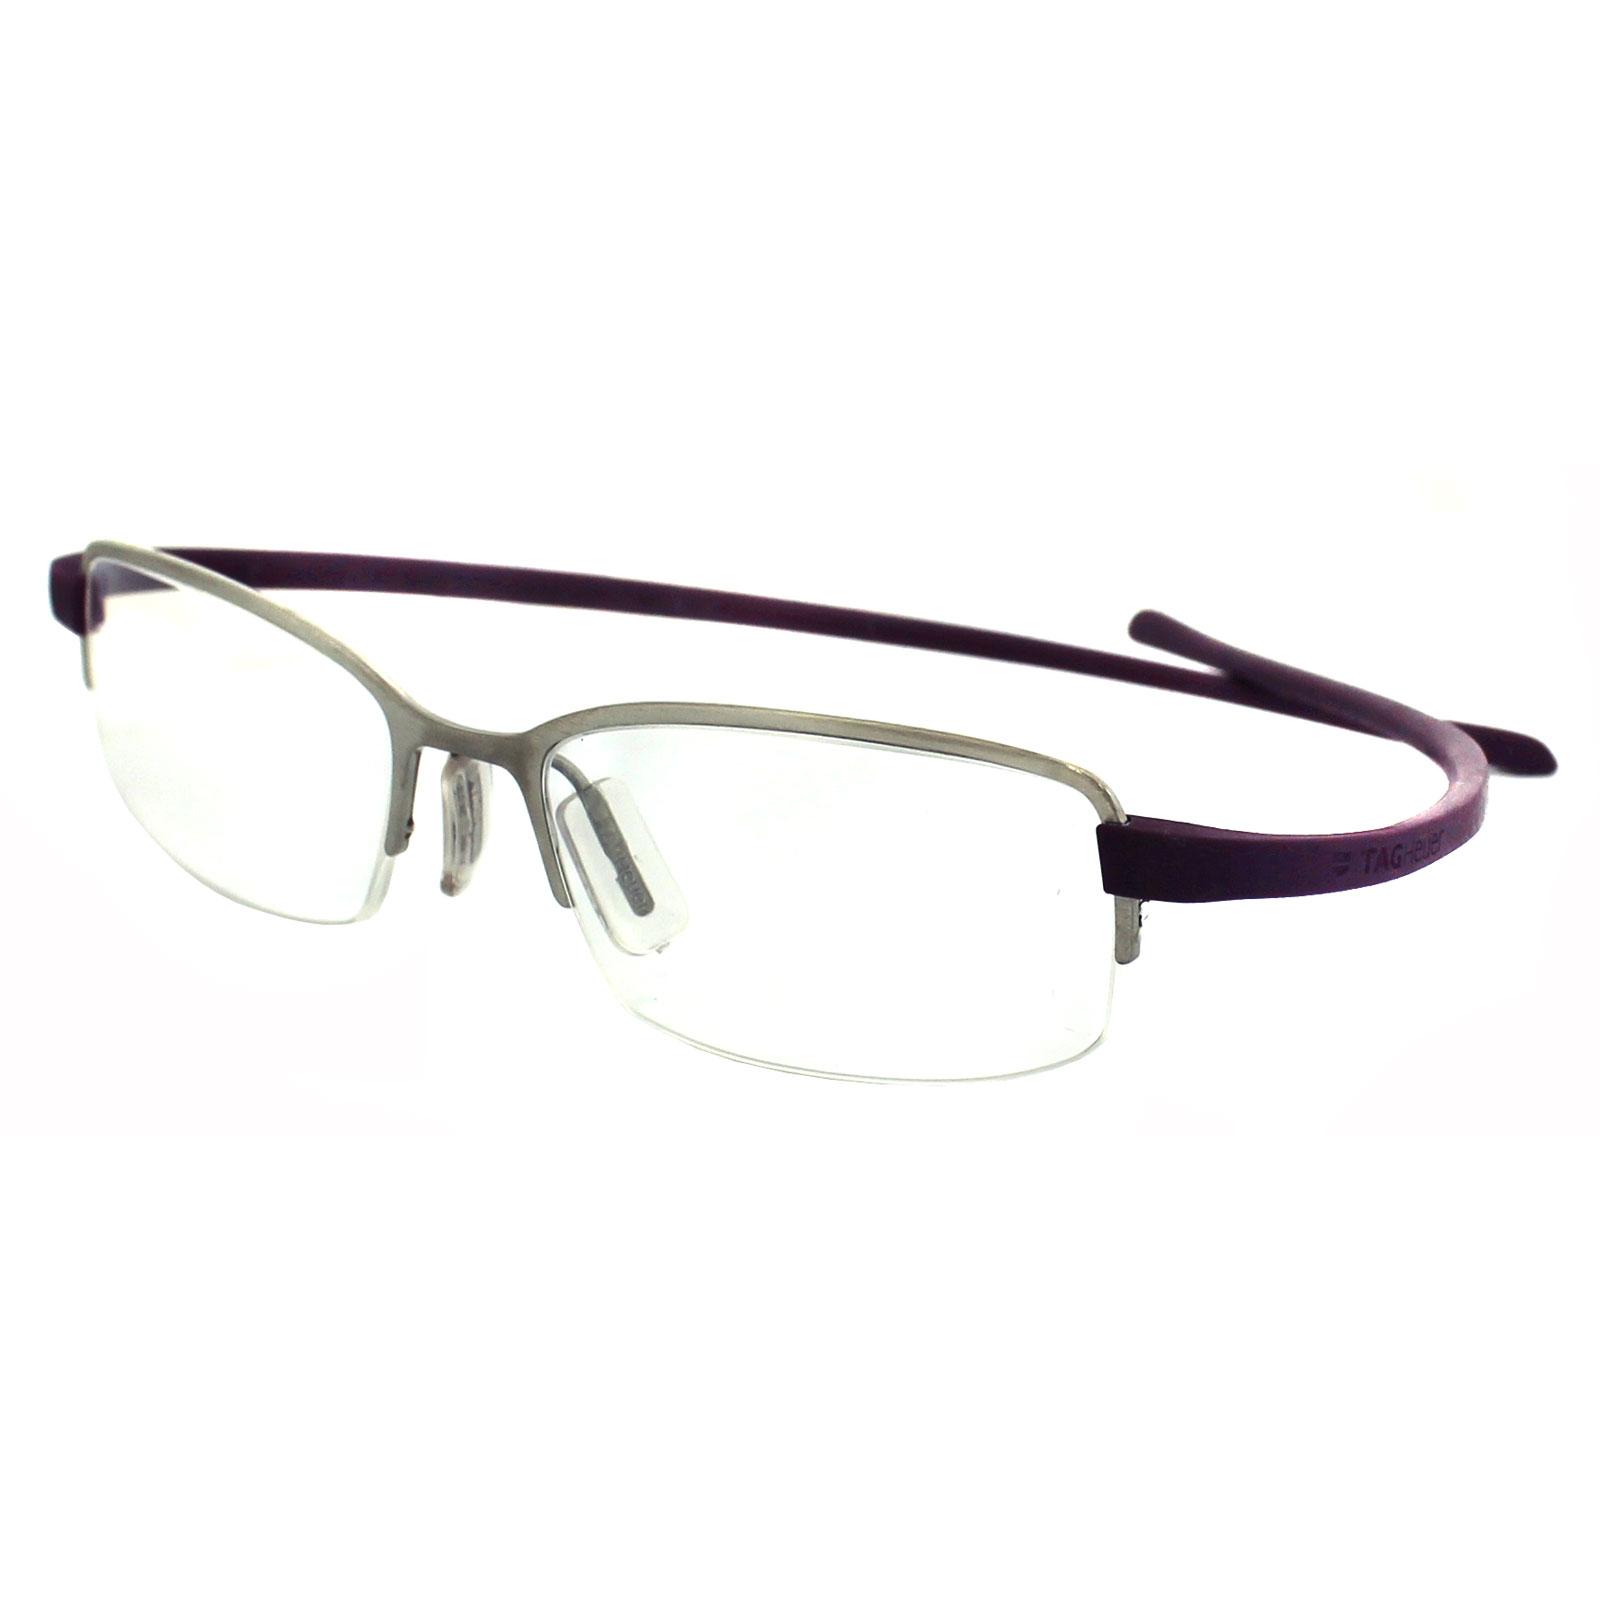 Tag heuer eyeglasses frames uk - Sentinel Tag Heuer Glasses Frames 3201 013 Silver Violet